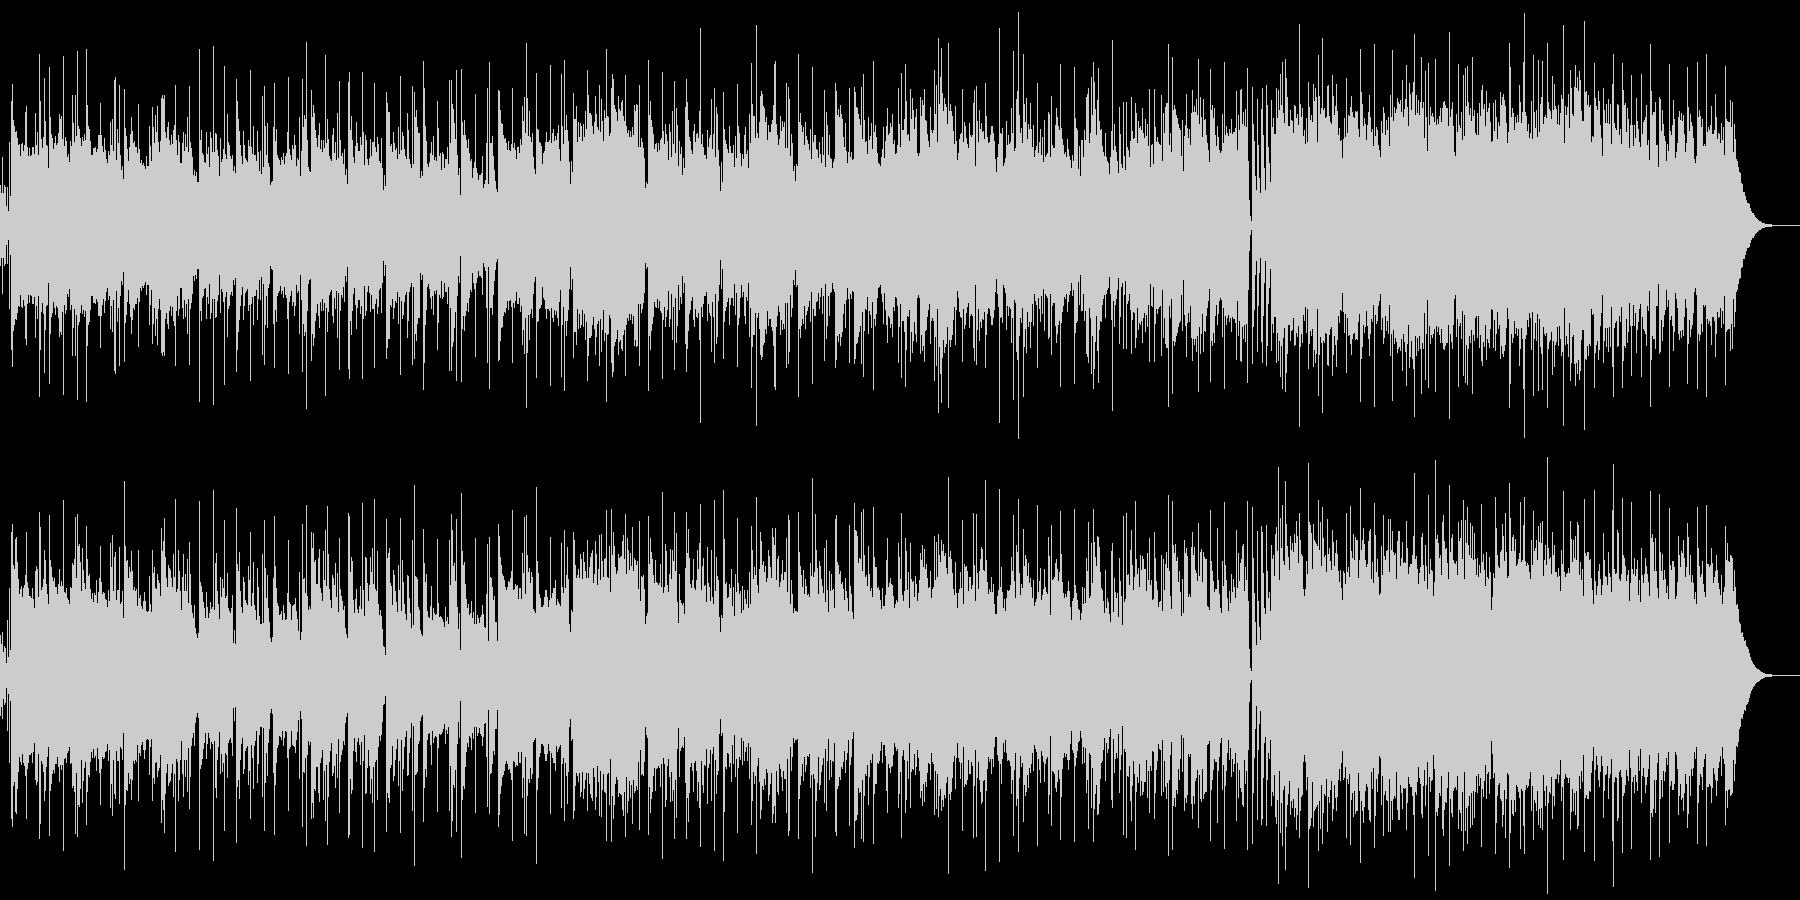 ギター生演奏アメリカンPOPSカントリーの未再生の波形